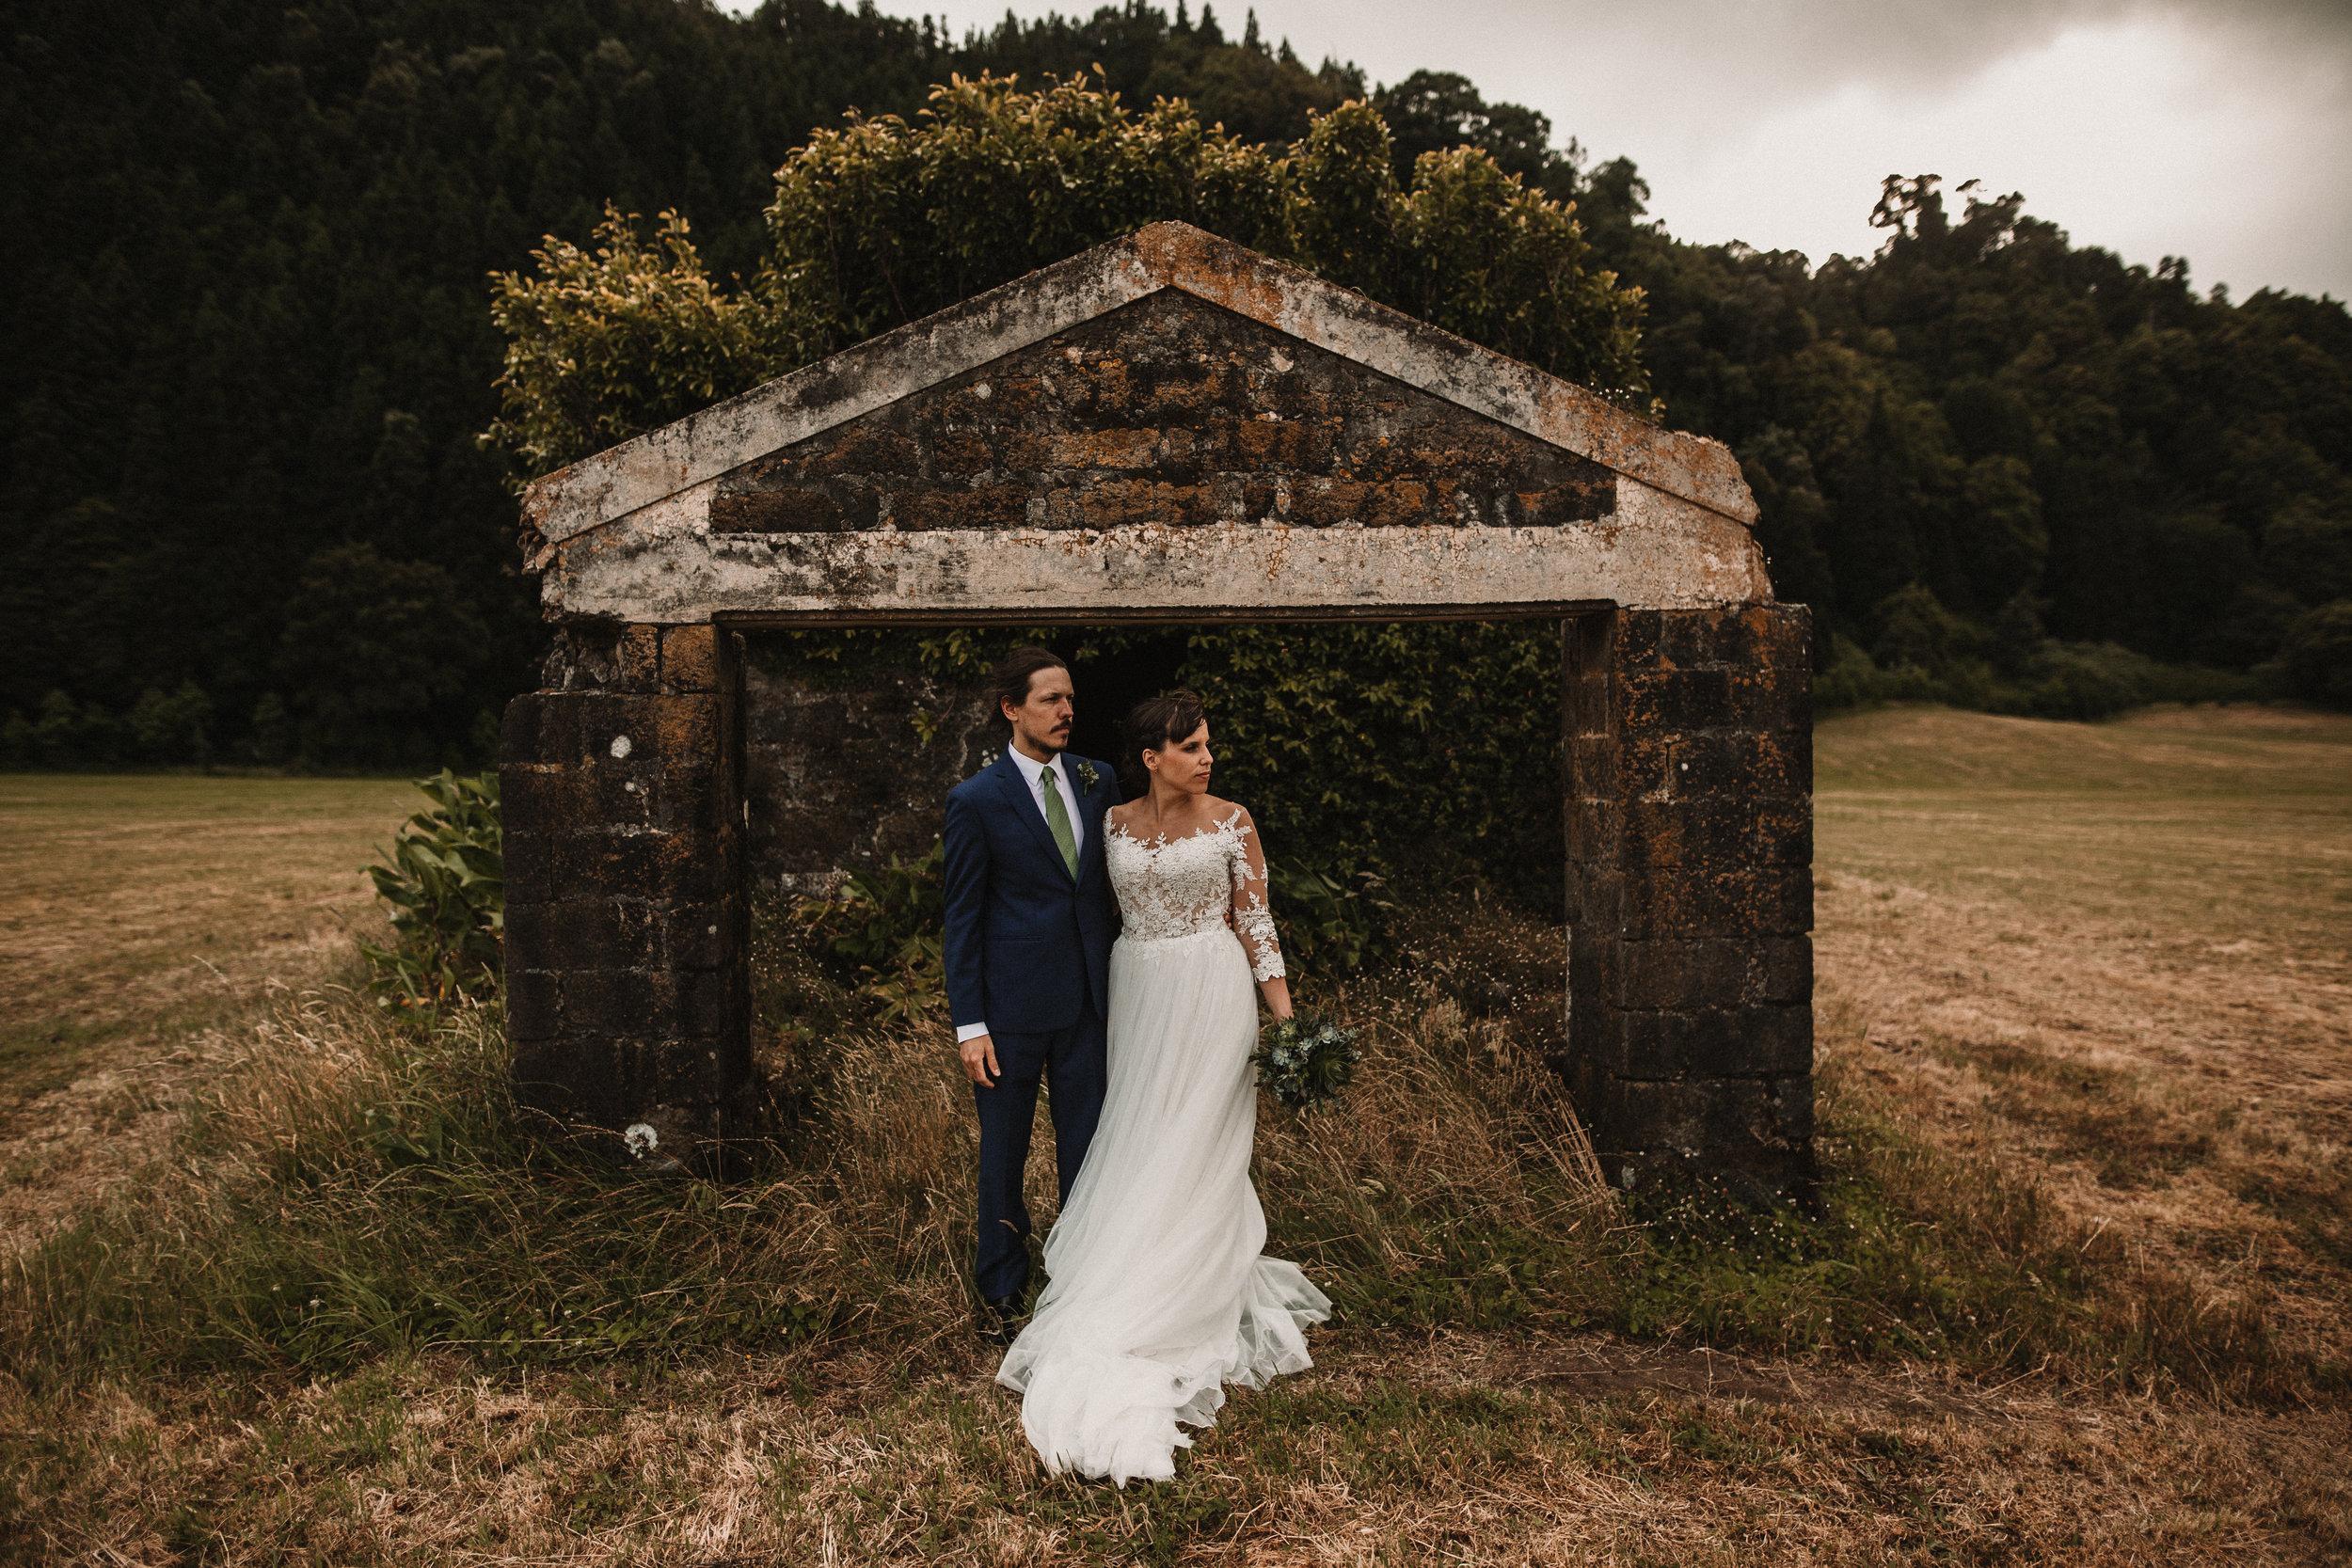 S&E_494_ 30_junho_2018 WEDDING_DAY.jpg